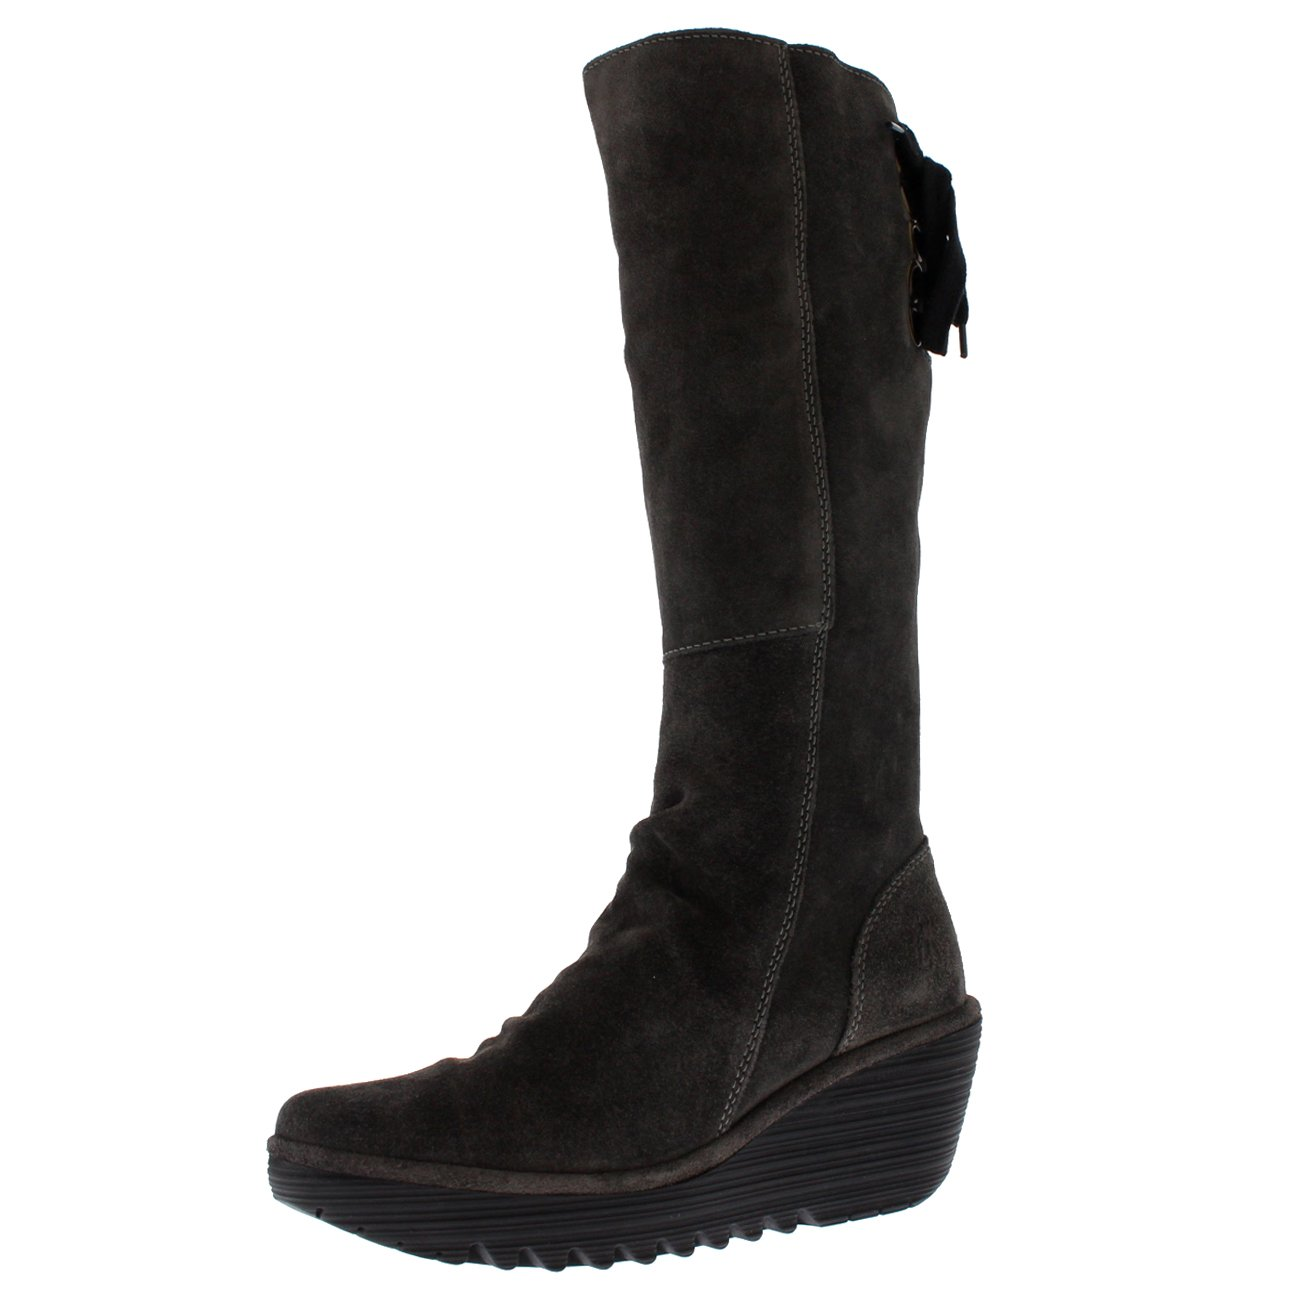 FLY London Womens Yust Winter Oil Suede Wedge Diesel Boots Knee Highs,10 B(M) US,Diesel